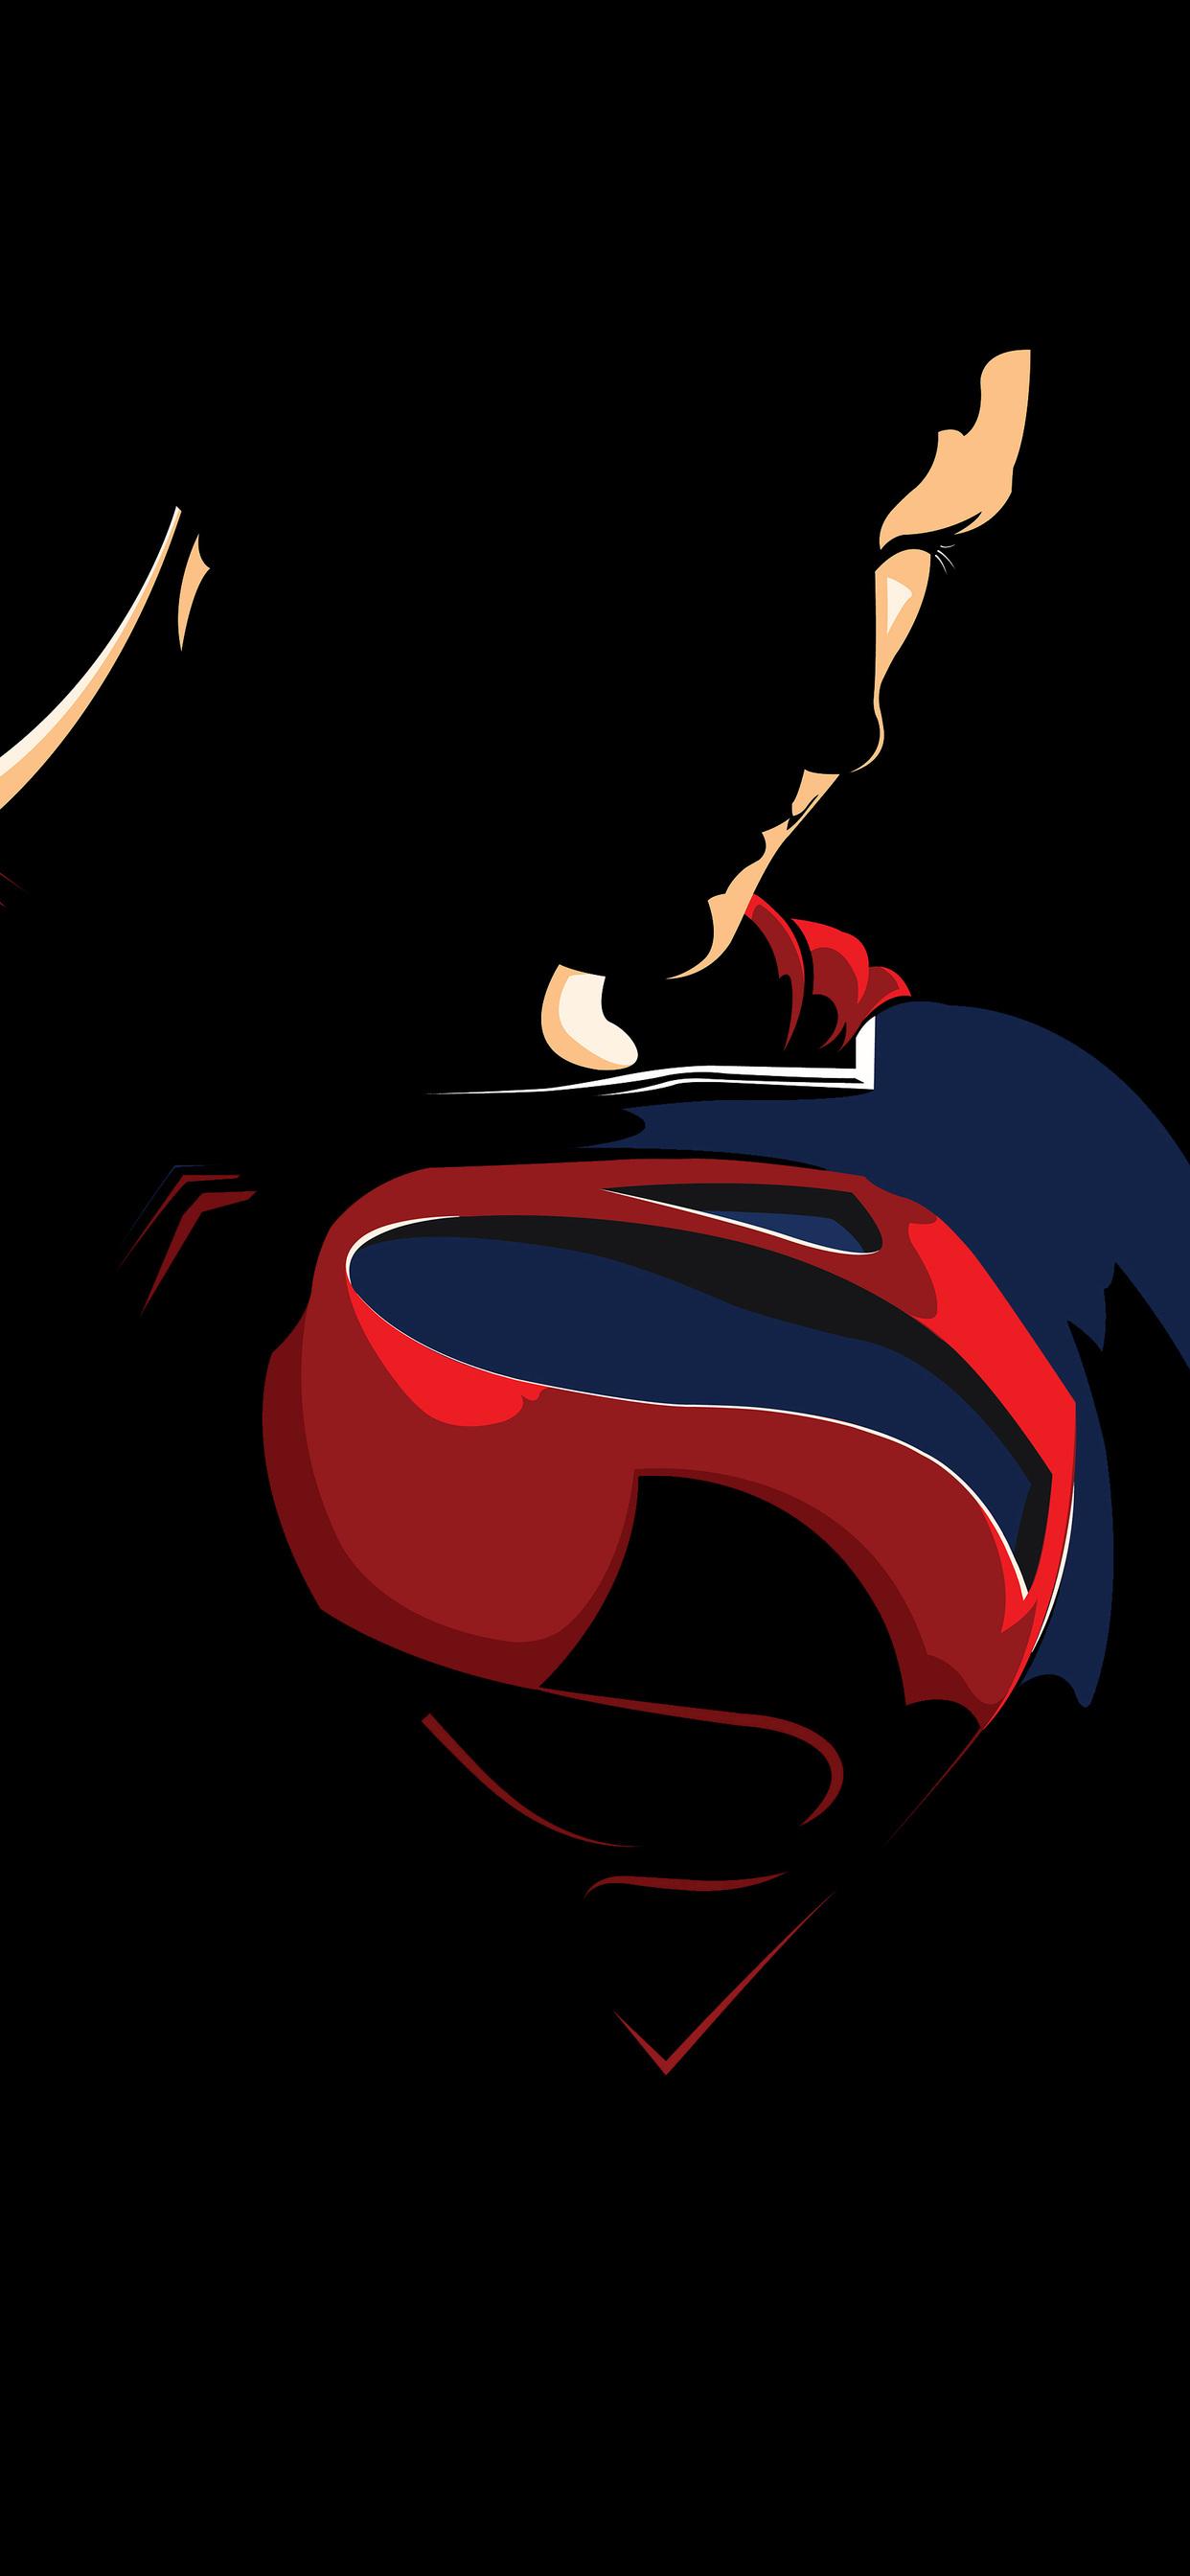 1242x2688 Superman Minimalism Logo 4k Iphone Xs Max Hd 4k